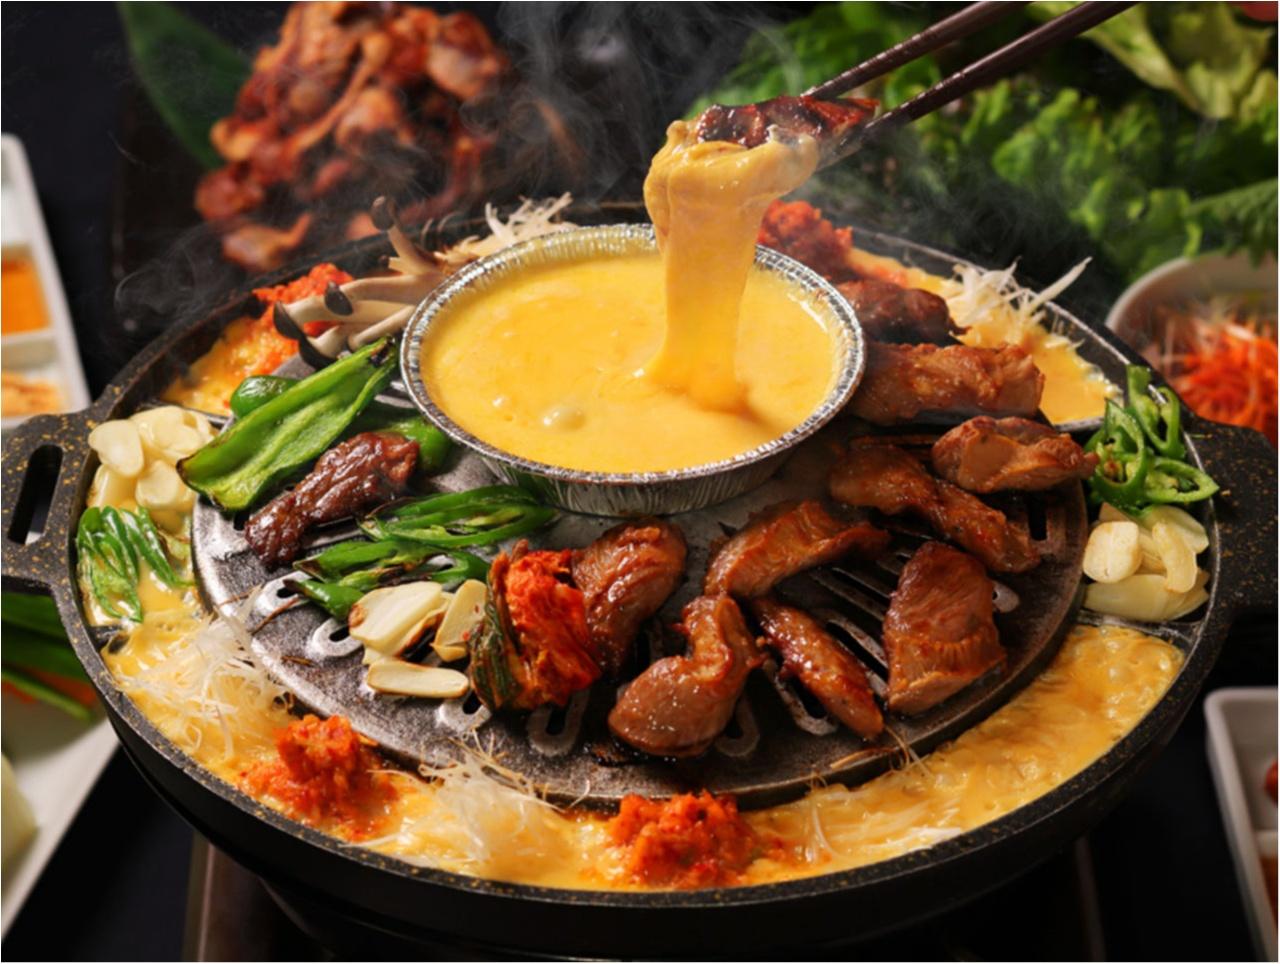 「チーズタッカルビ」の次は「チーズ・カルメギ」! 韓国で大人気のメニューを食べながら、#平昌五輪 を応援しよう☆_1_1